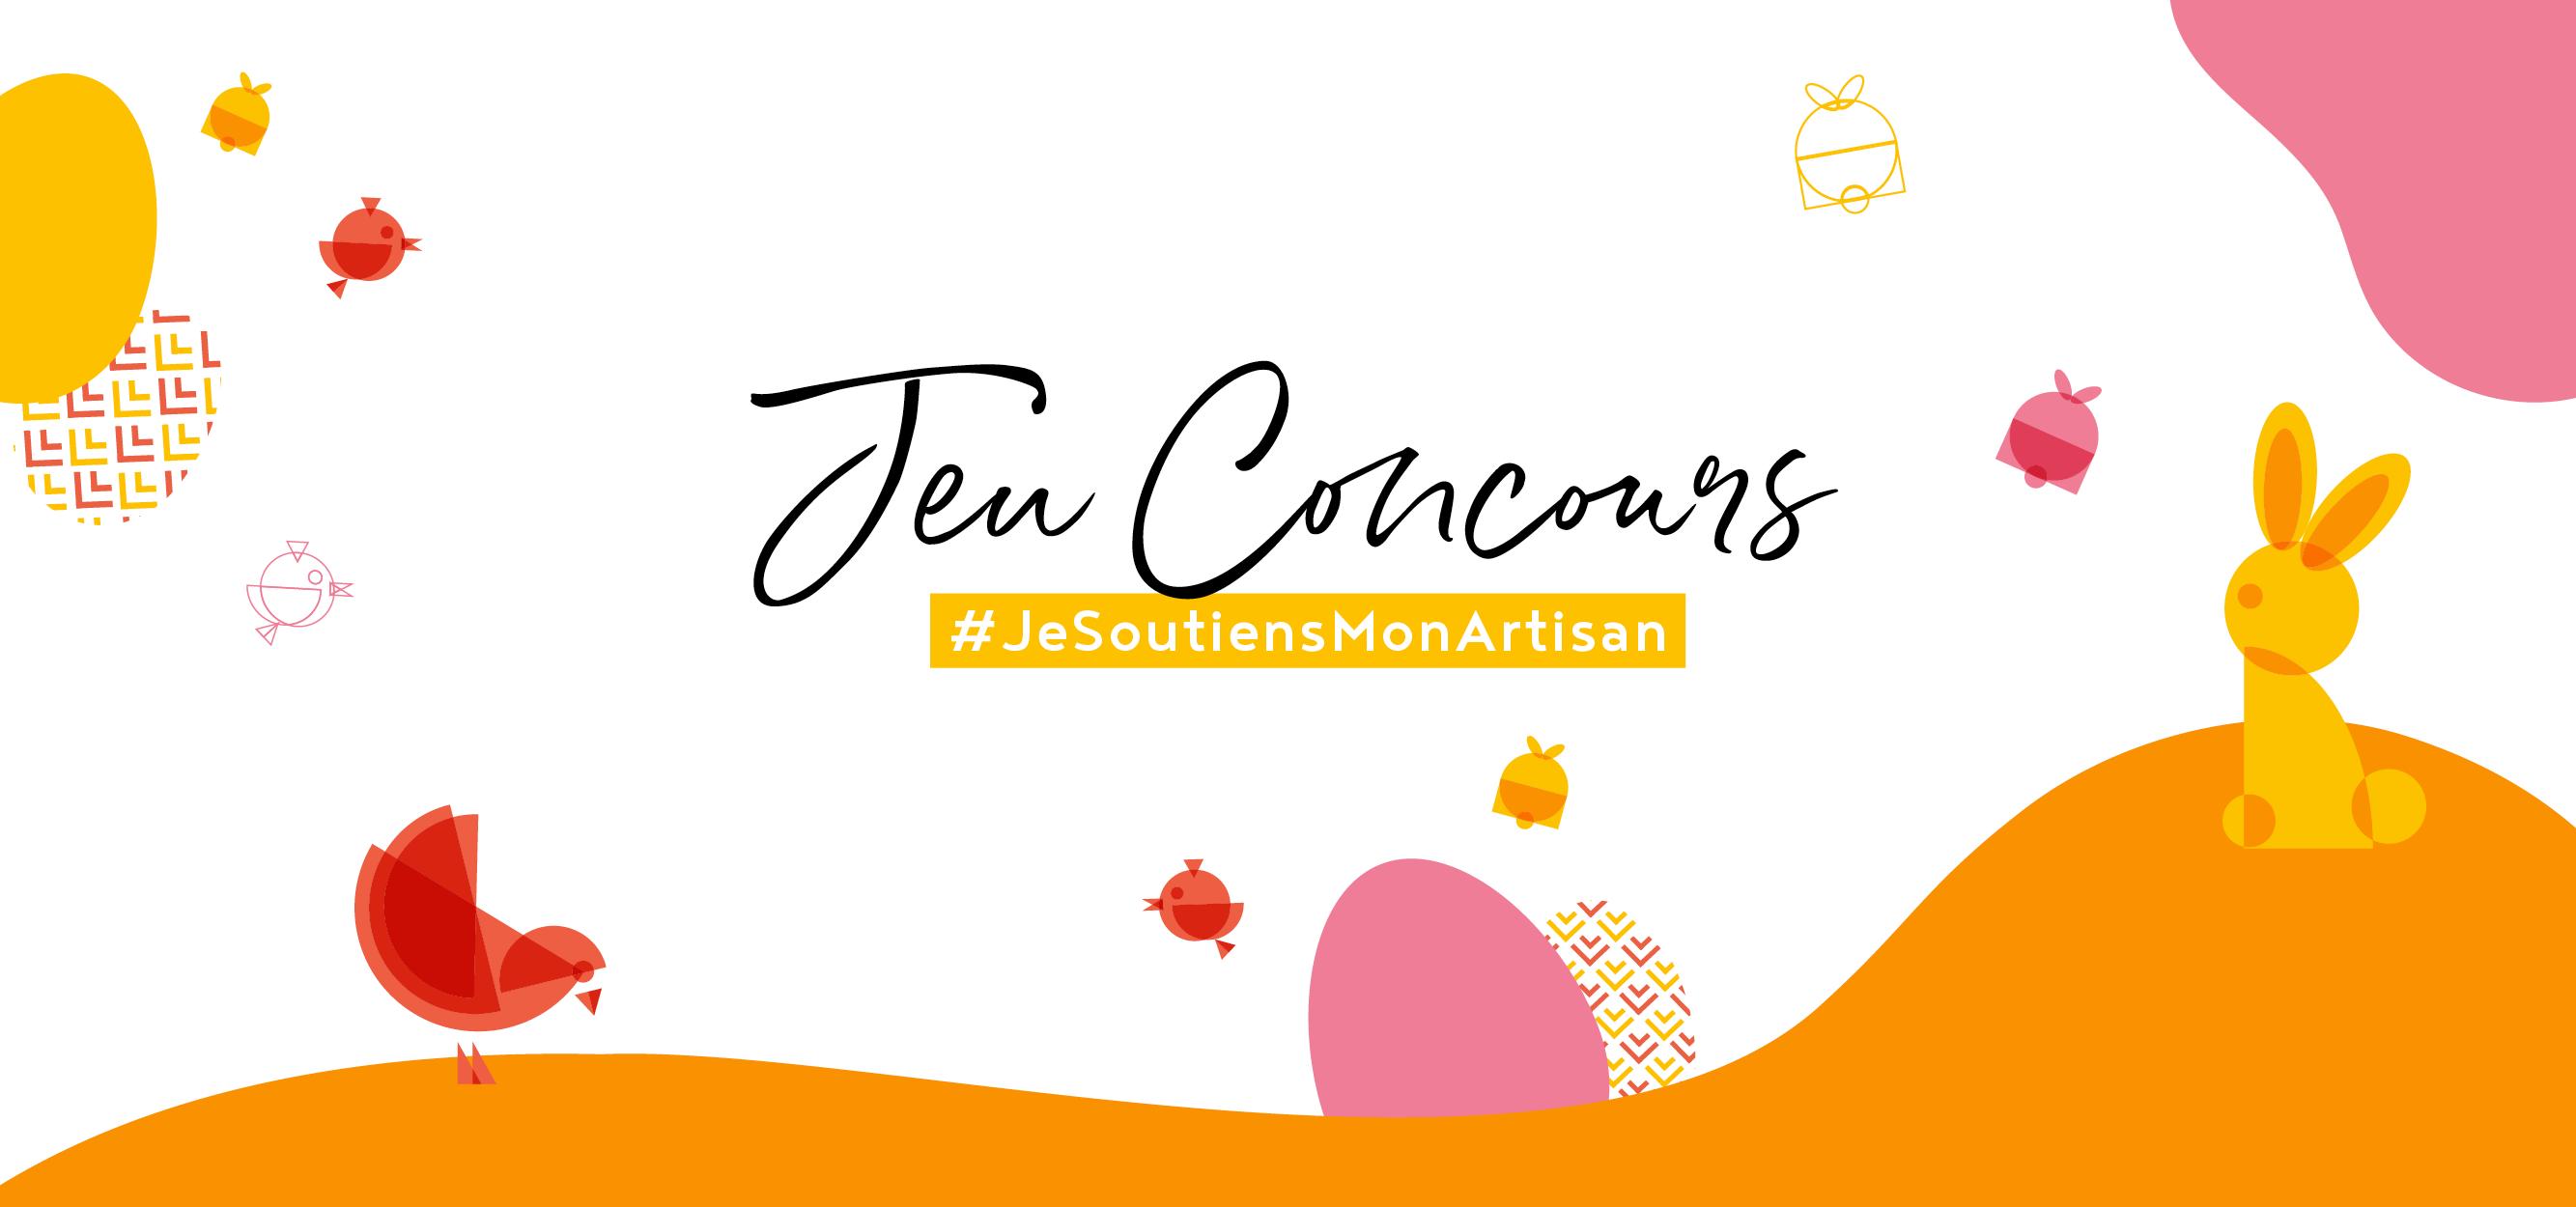 Jeu concours de Pâques : Je Soutiens Mon Artisan